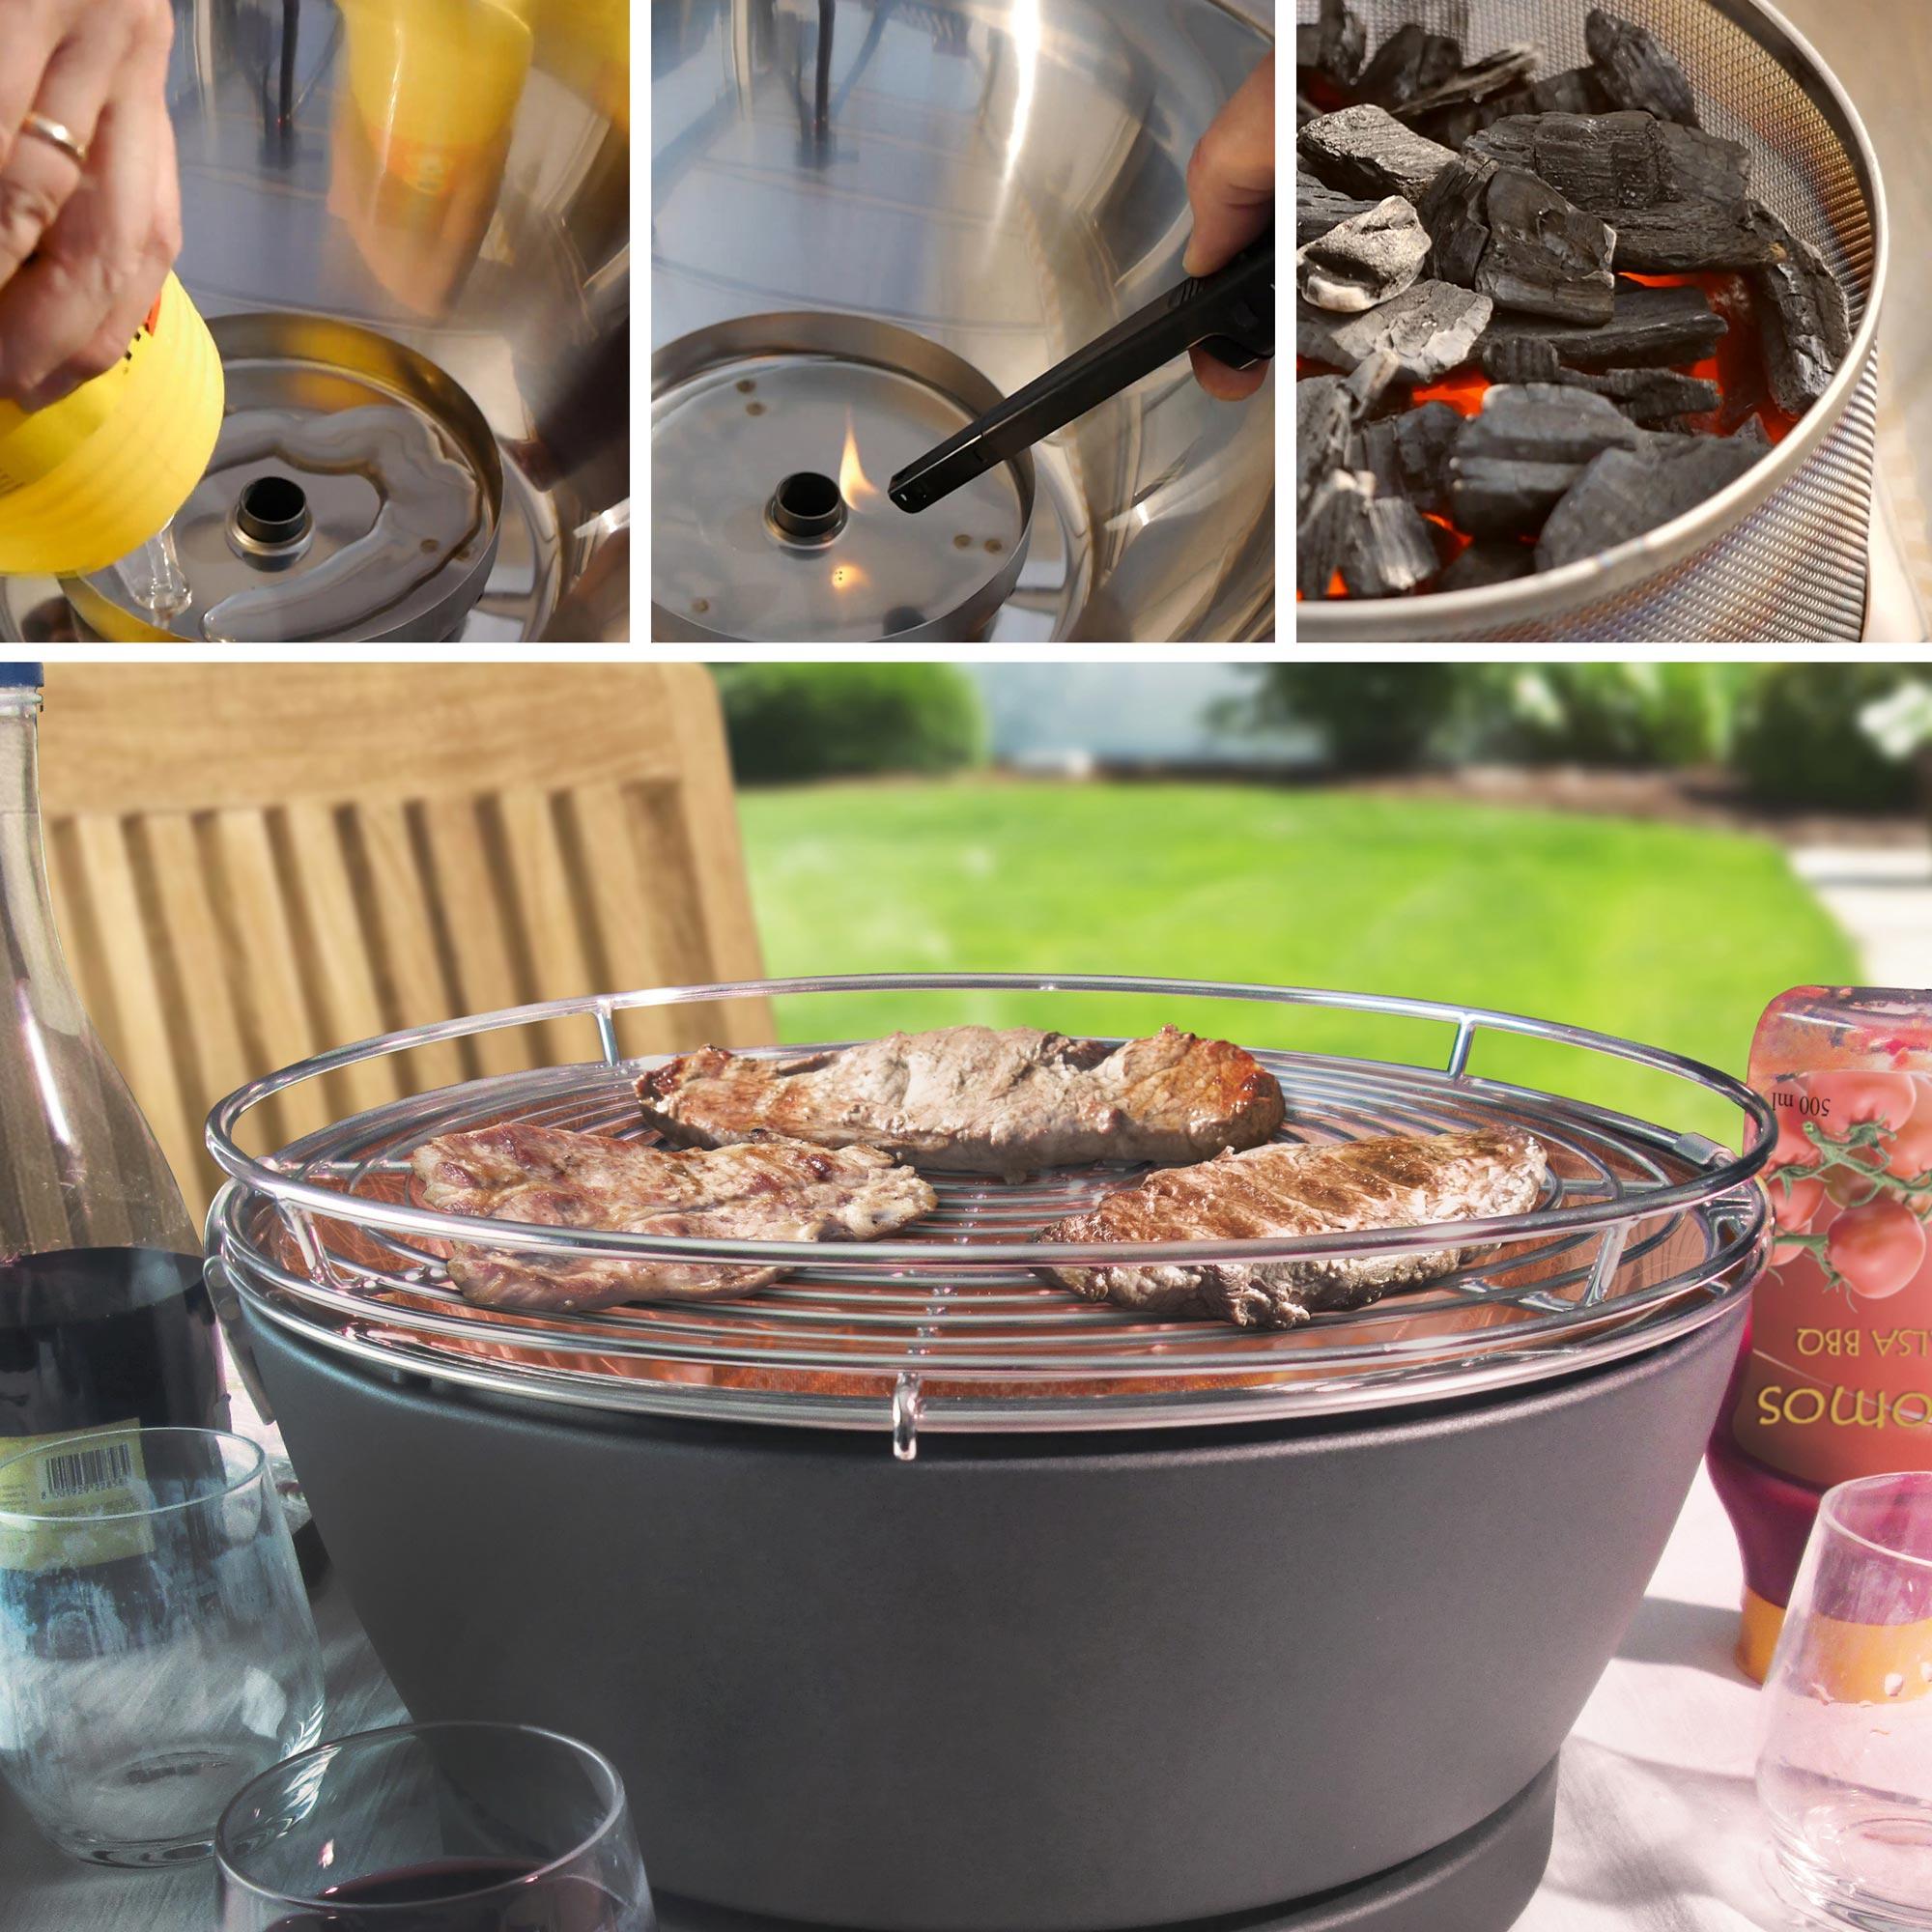 Rauchfreier Grill Feuerdesign Vesuvio Ø33cm weiss Bild 2